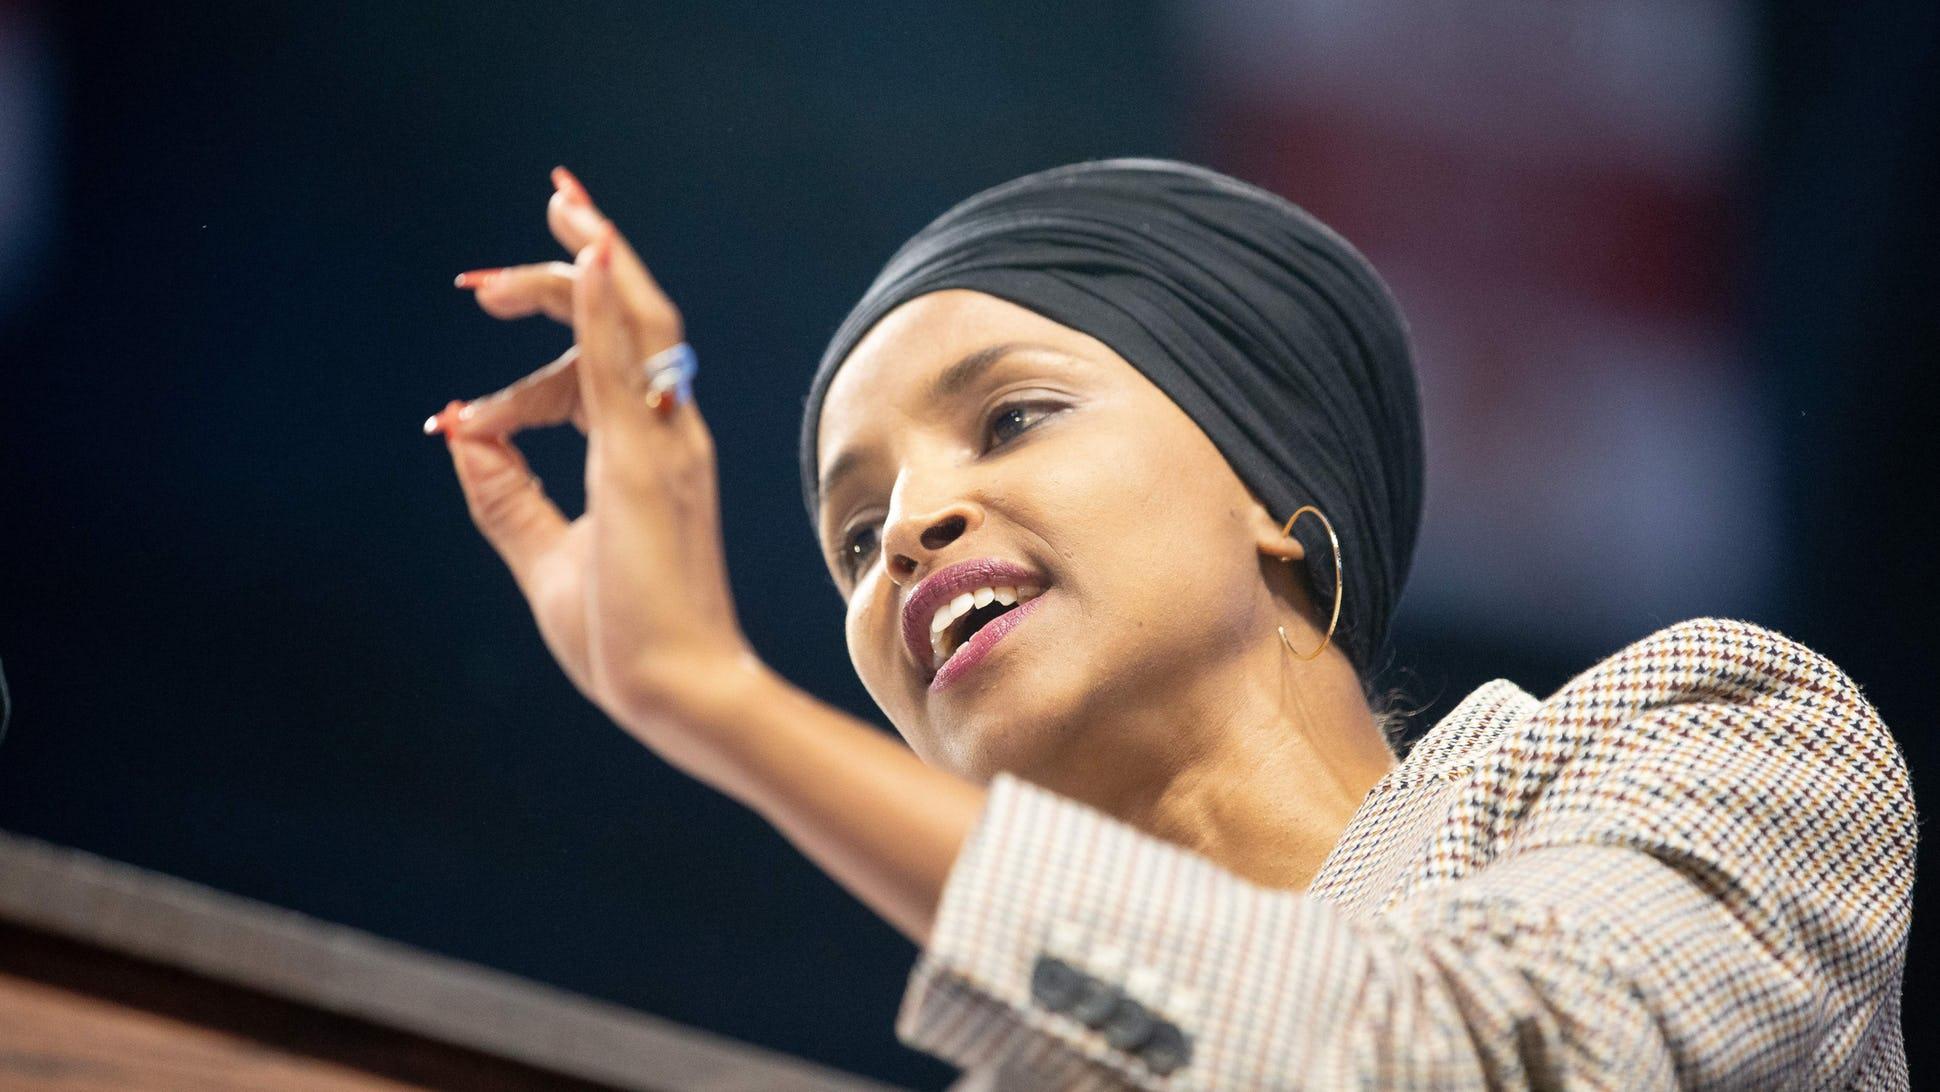 Ilhan Omar praises socialist bernie sanders who is a known communist sympathizer